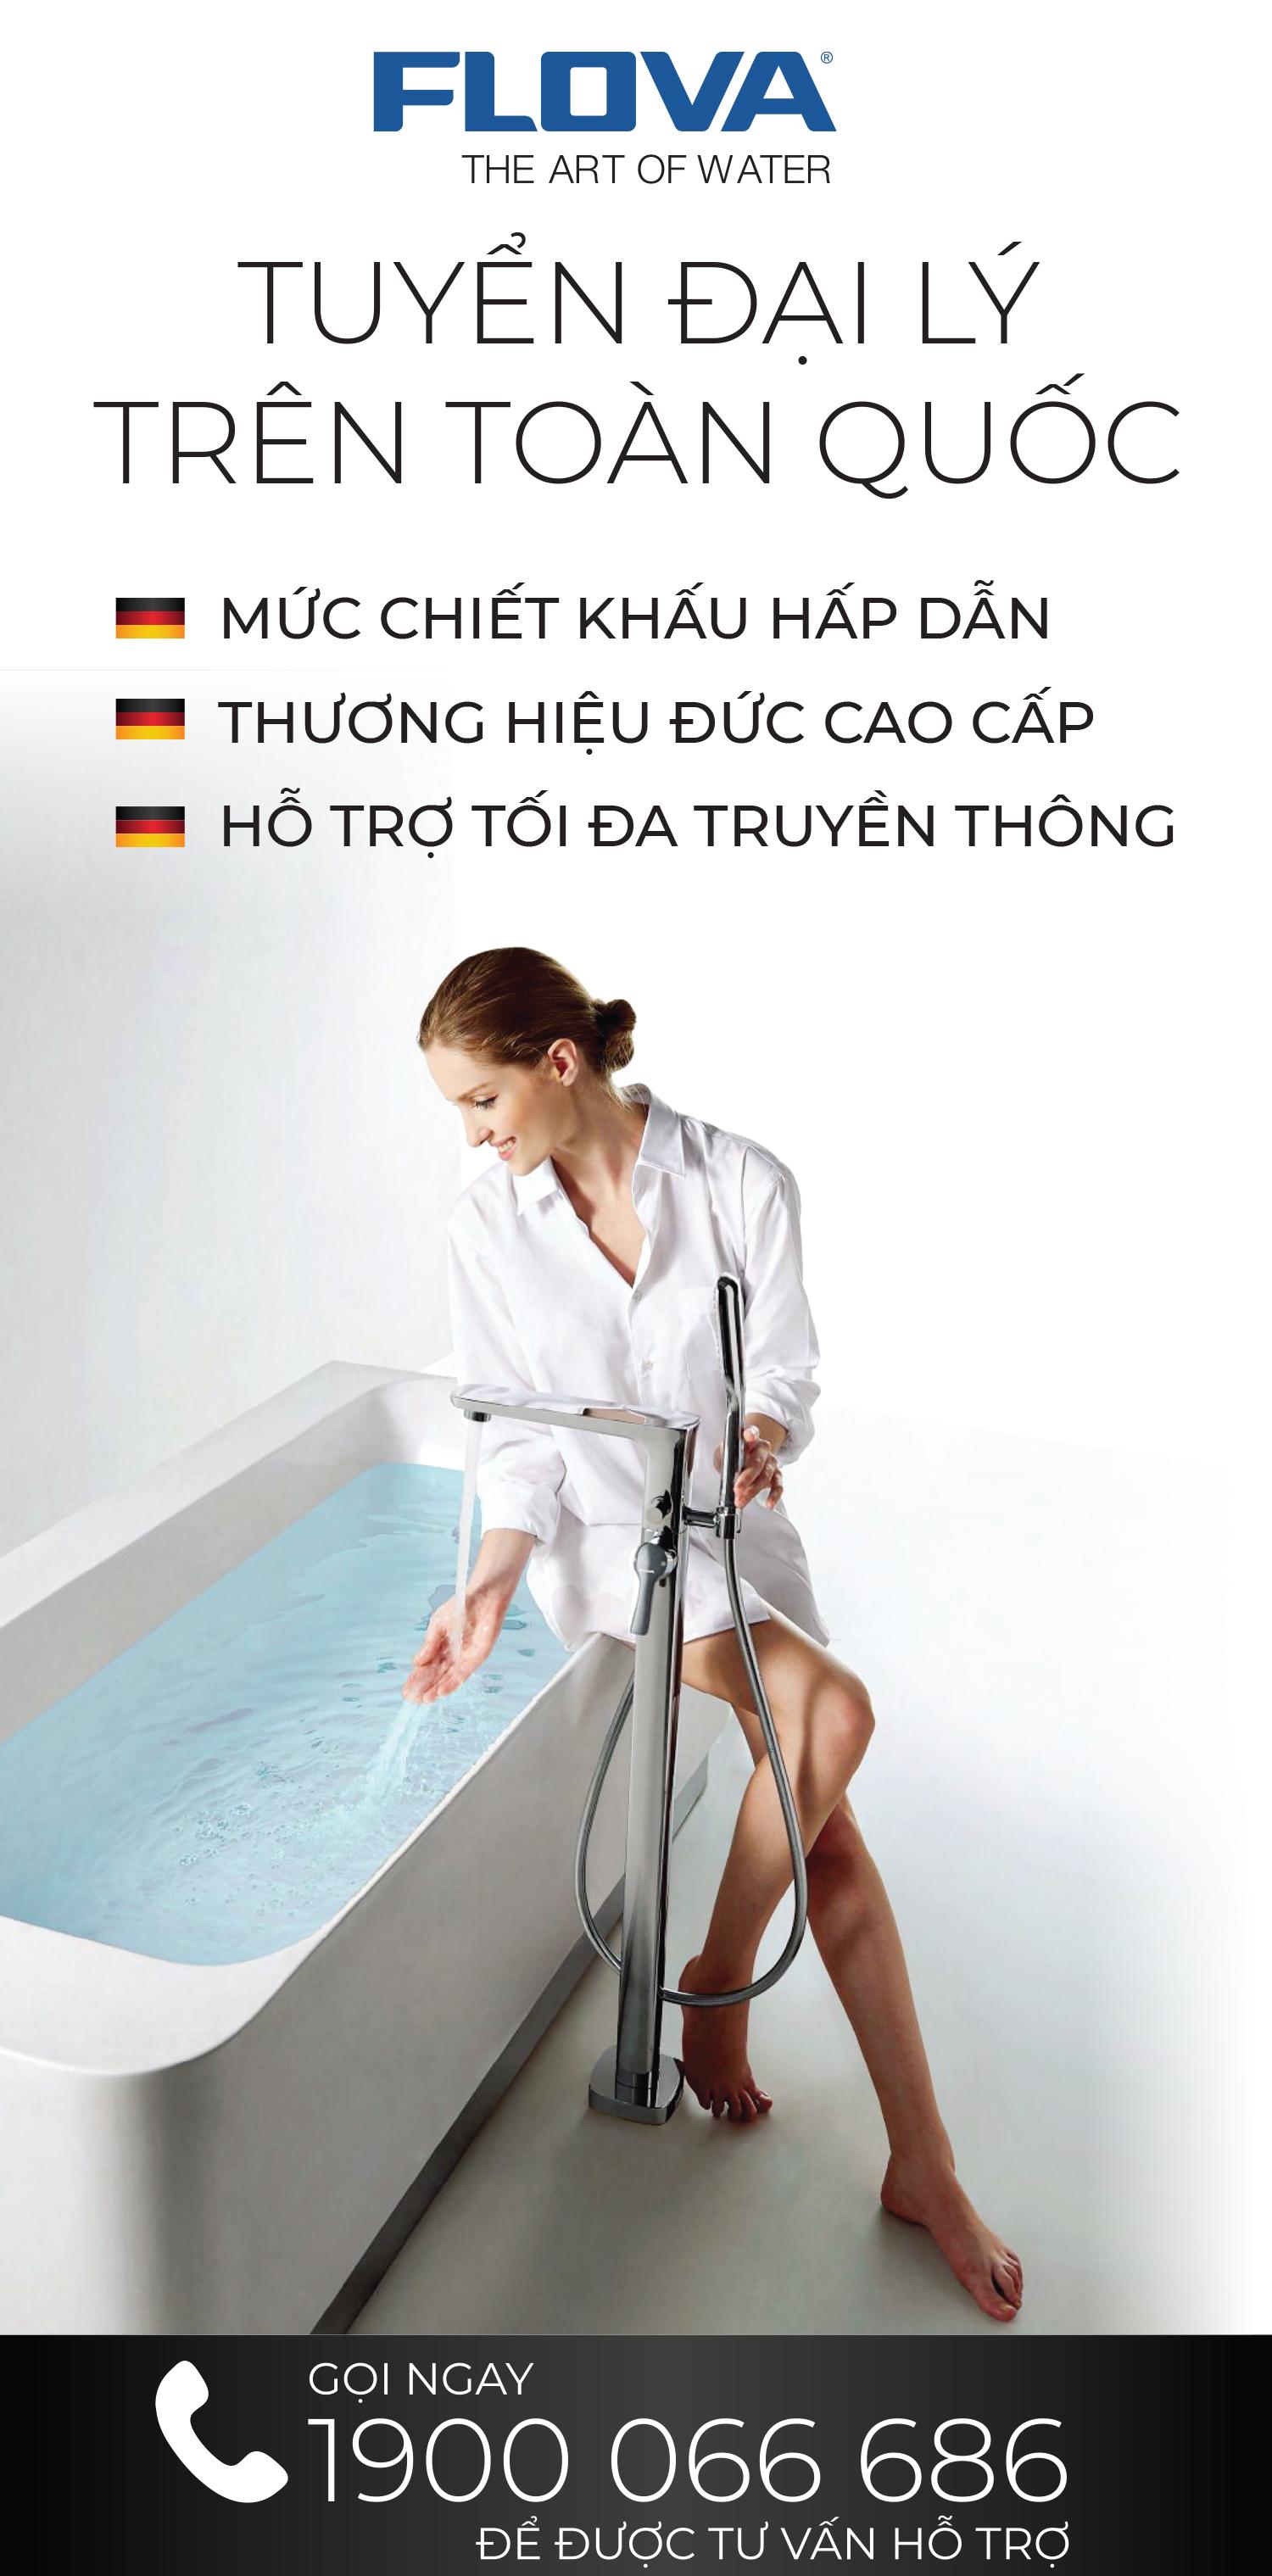 #https://flova.vn/uploads/banner-trai/tuyen-dai-ly4.jpg